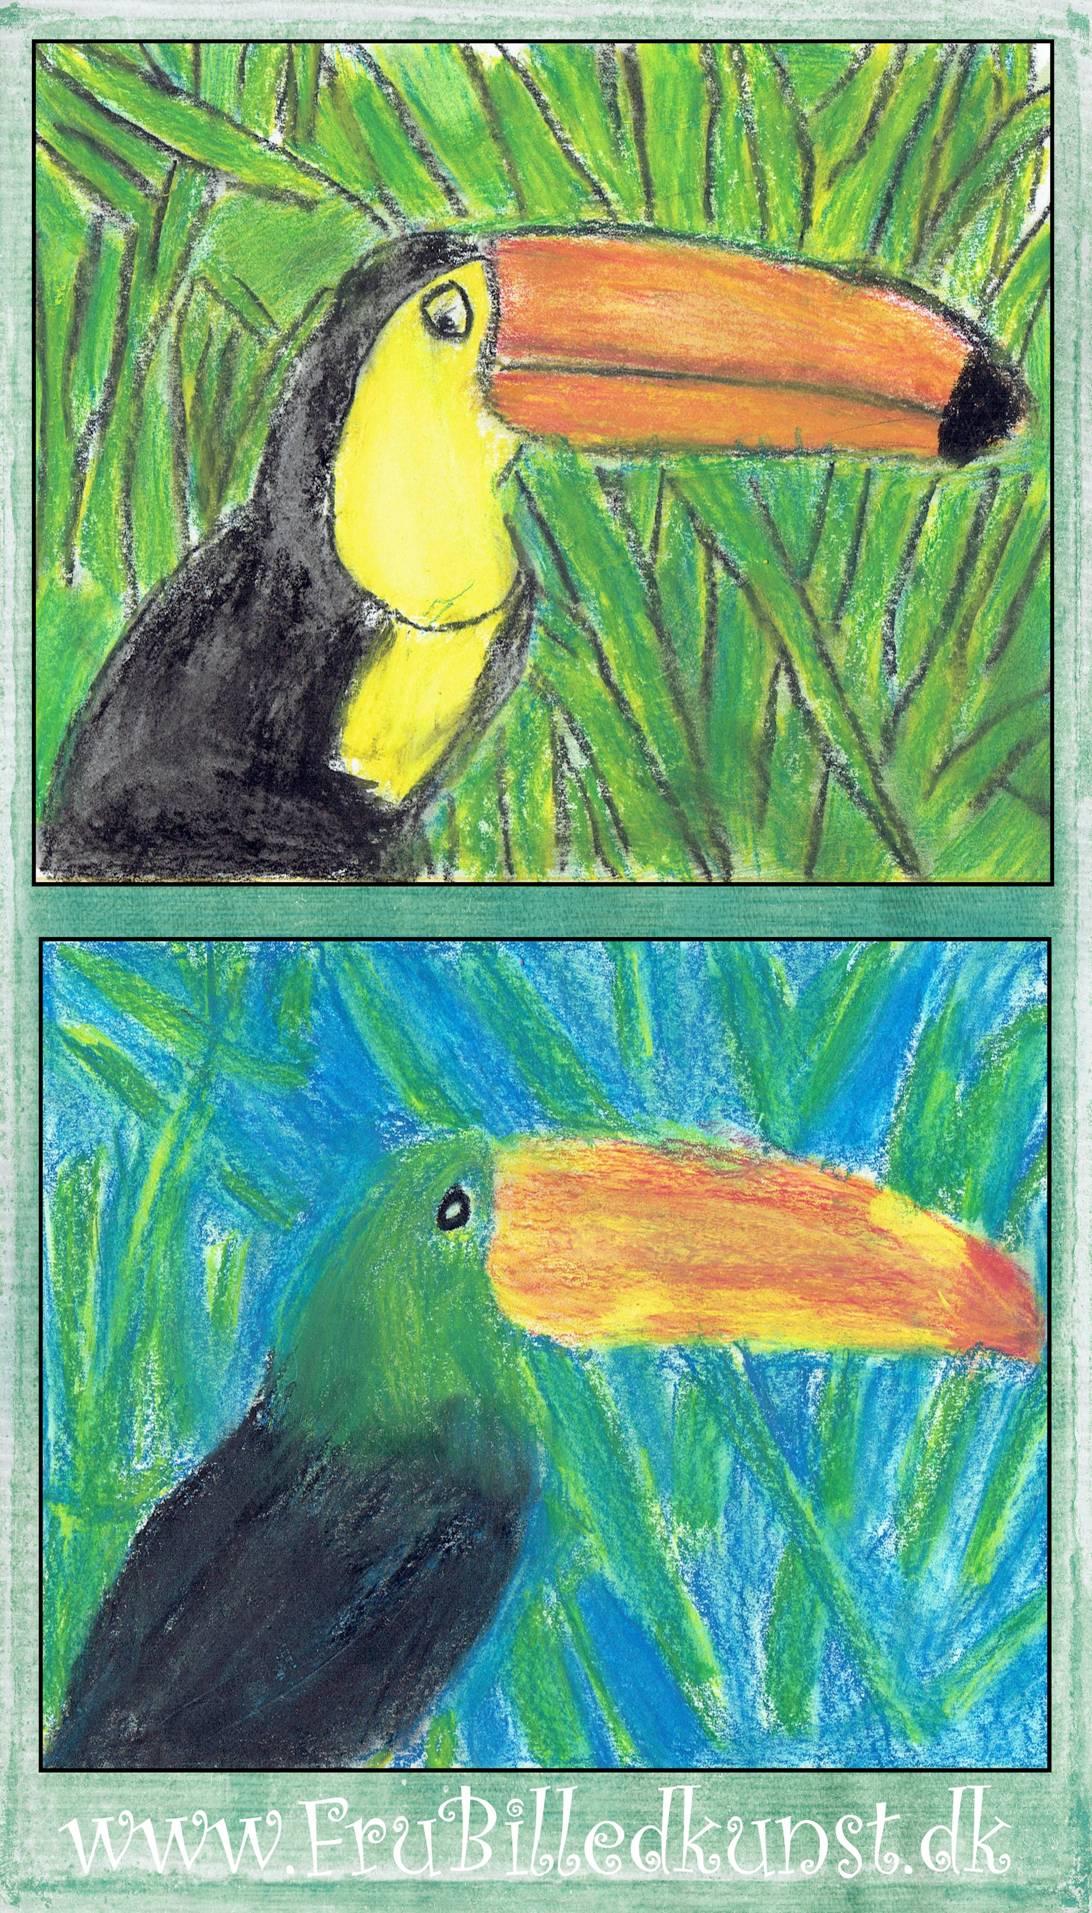 fru billedkunst tukaner